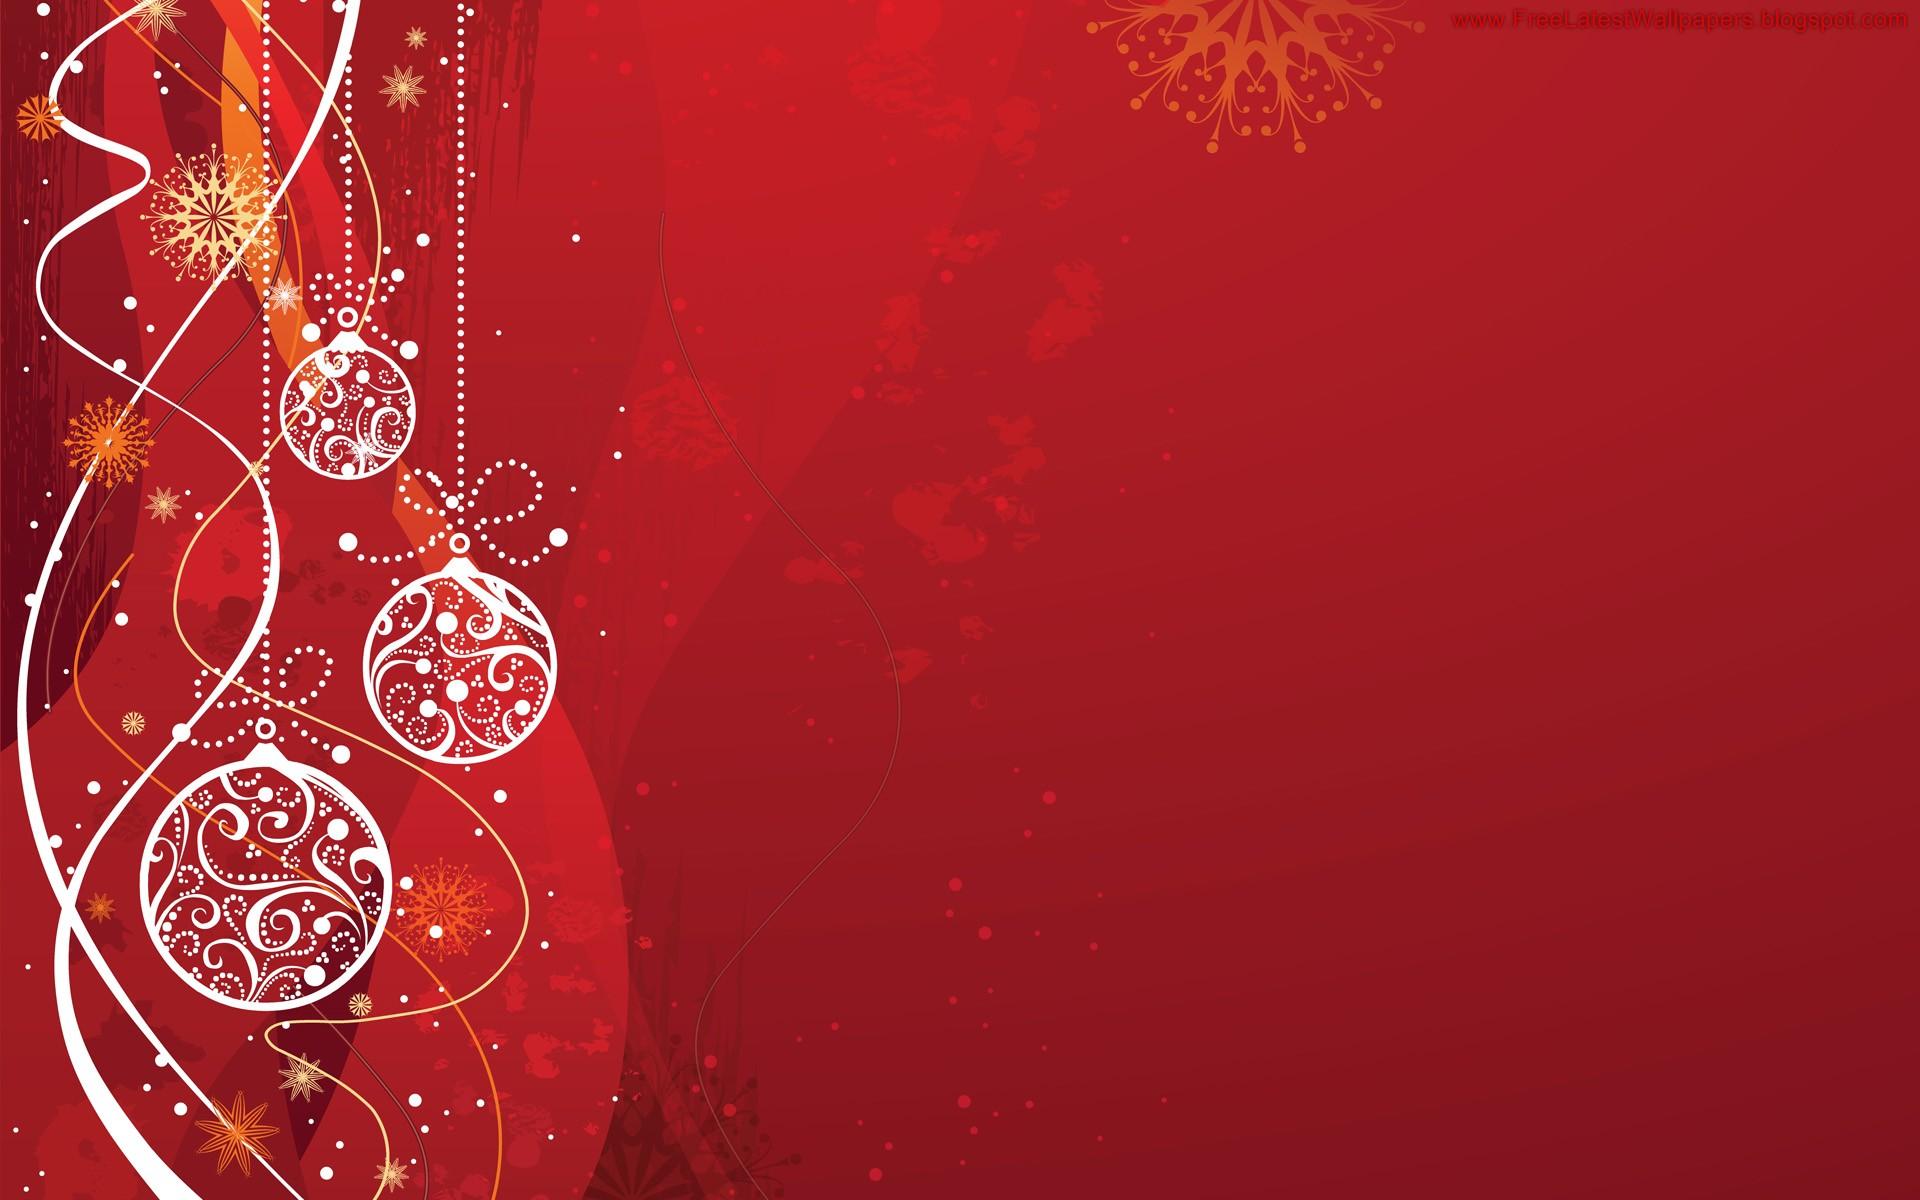 Free Christmas Themes